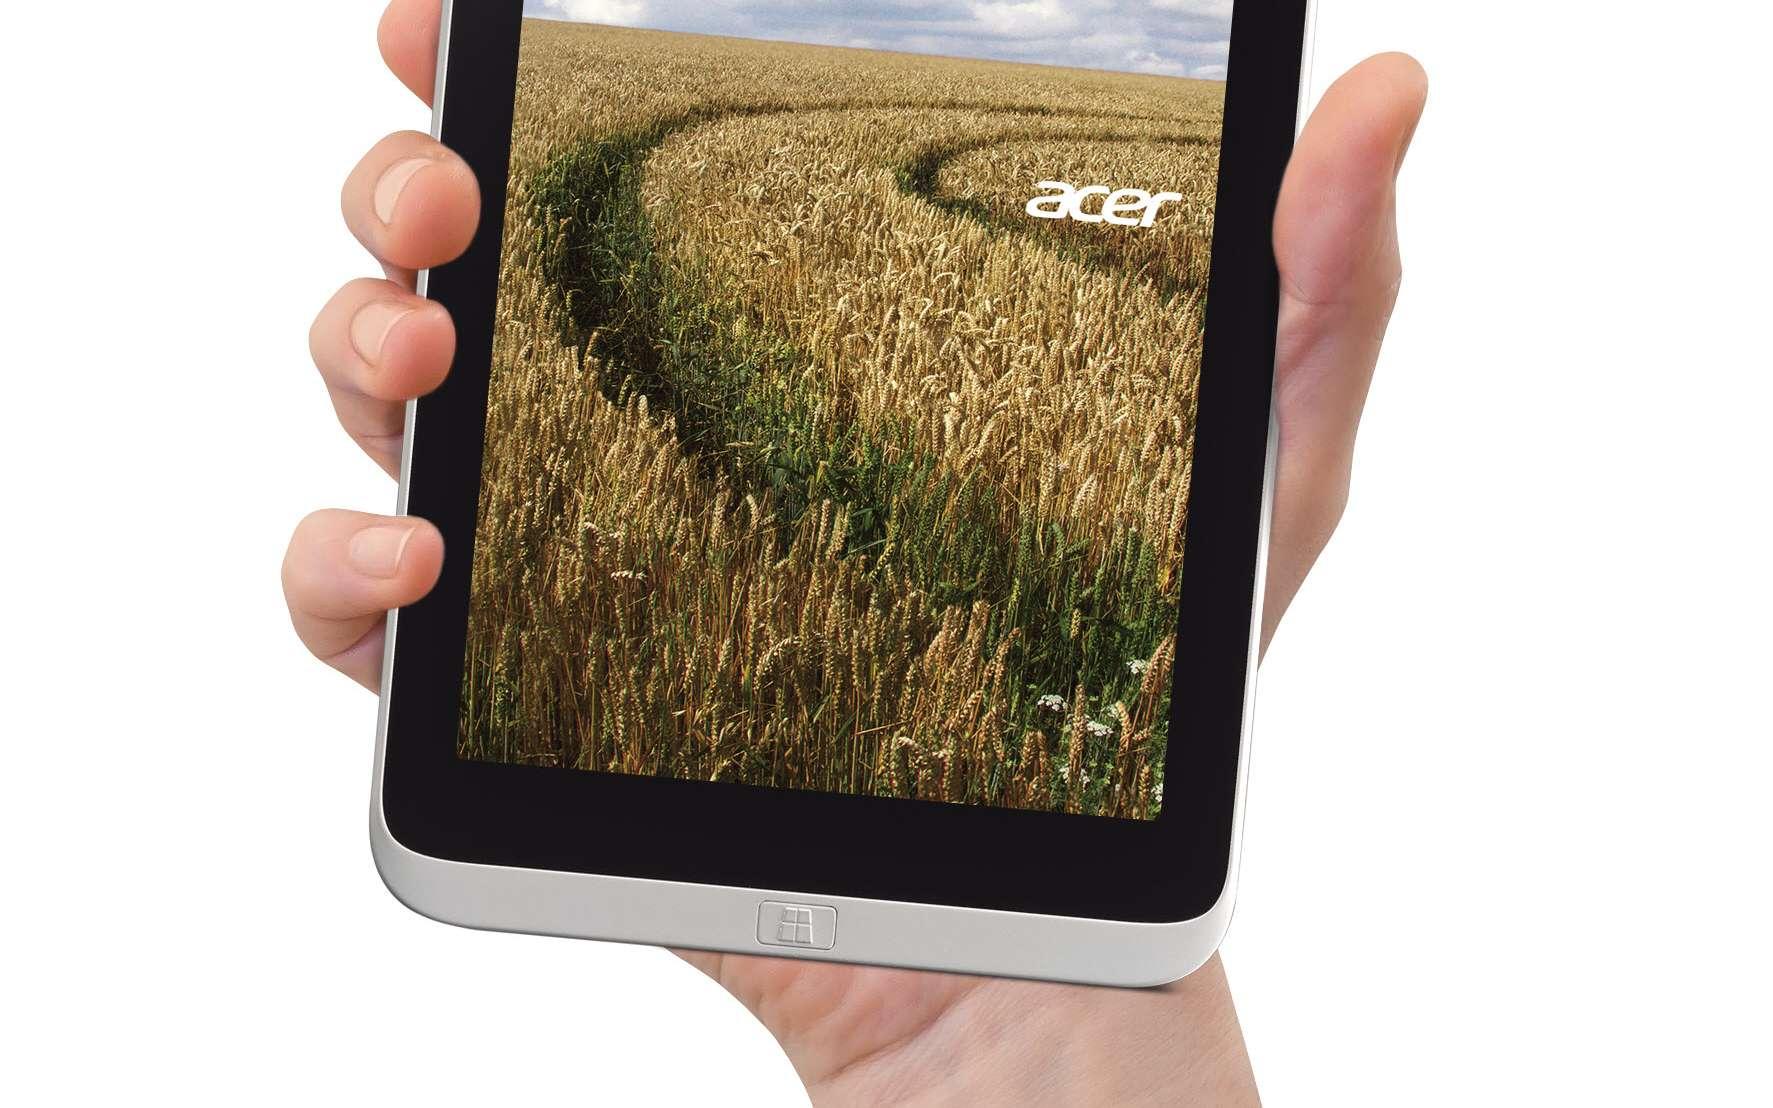 Avec l'Iconia W3, Microsoft entre sur un segment de marché stratégique et en plein essor, où vont se confronter des concurrents déjà bien établis, comme Apple et son iPad mini et les divers modèles sous Android. © Acer